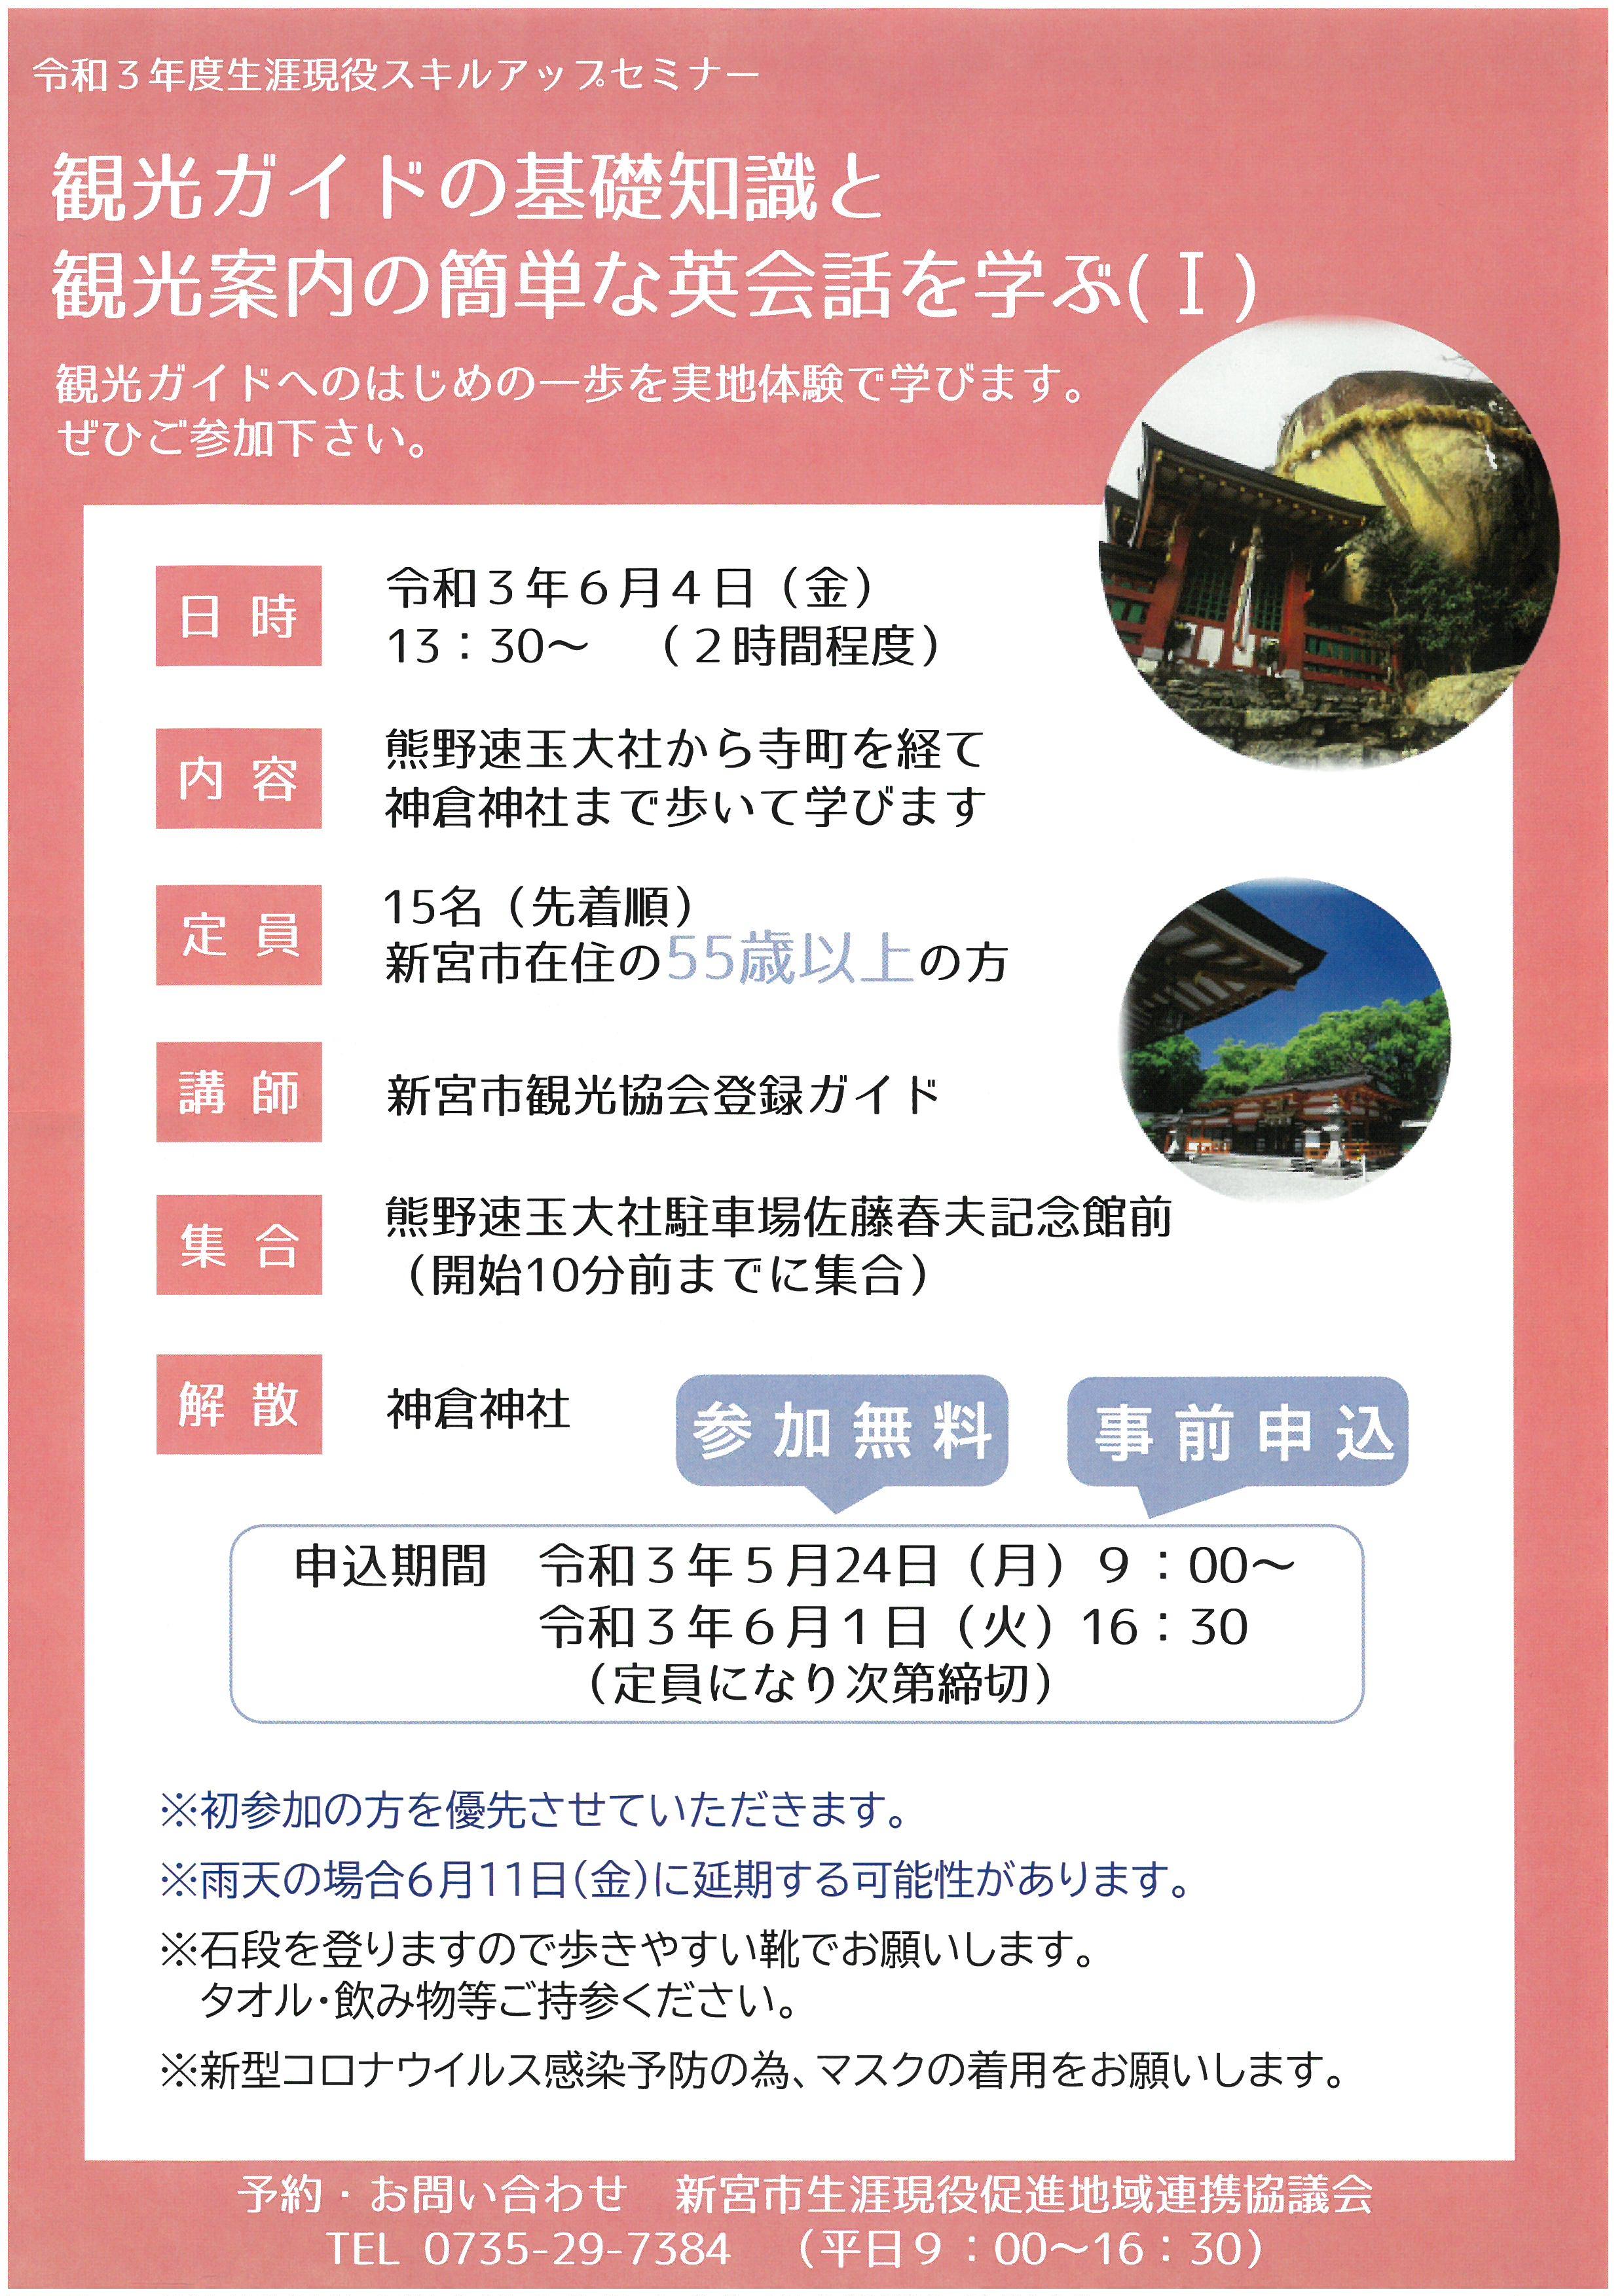 観光ガイドの基礎知識と観光案内の簡単な英会話を学ぶ(Ⅰ)